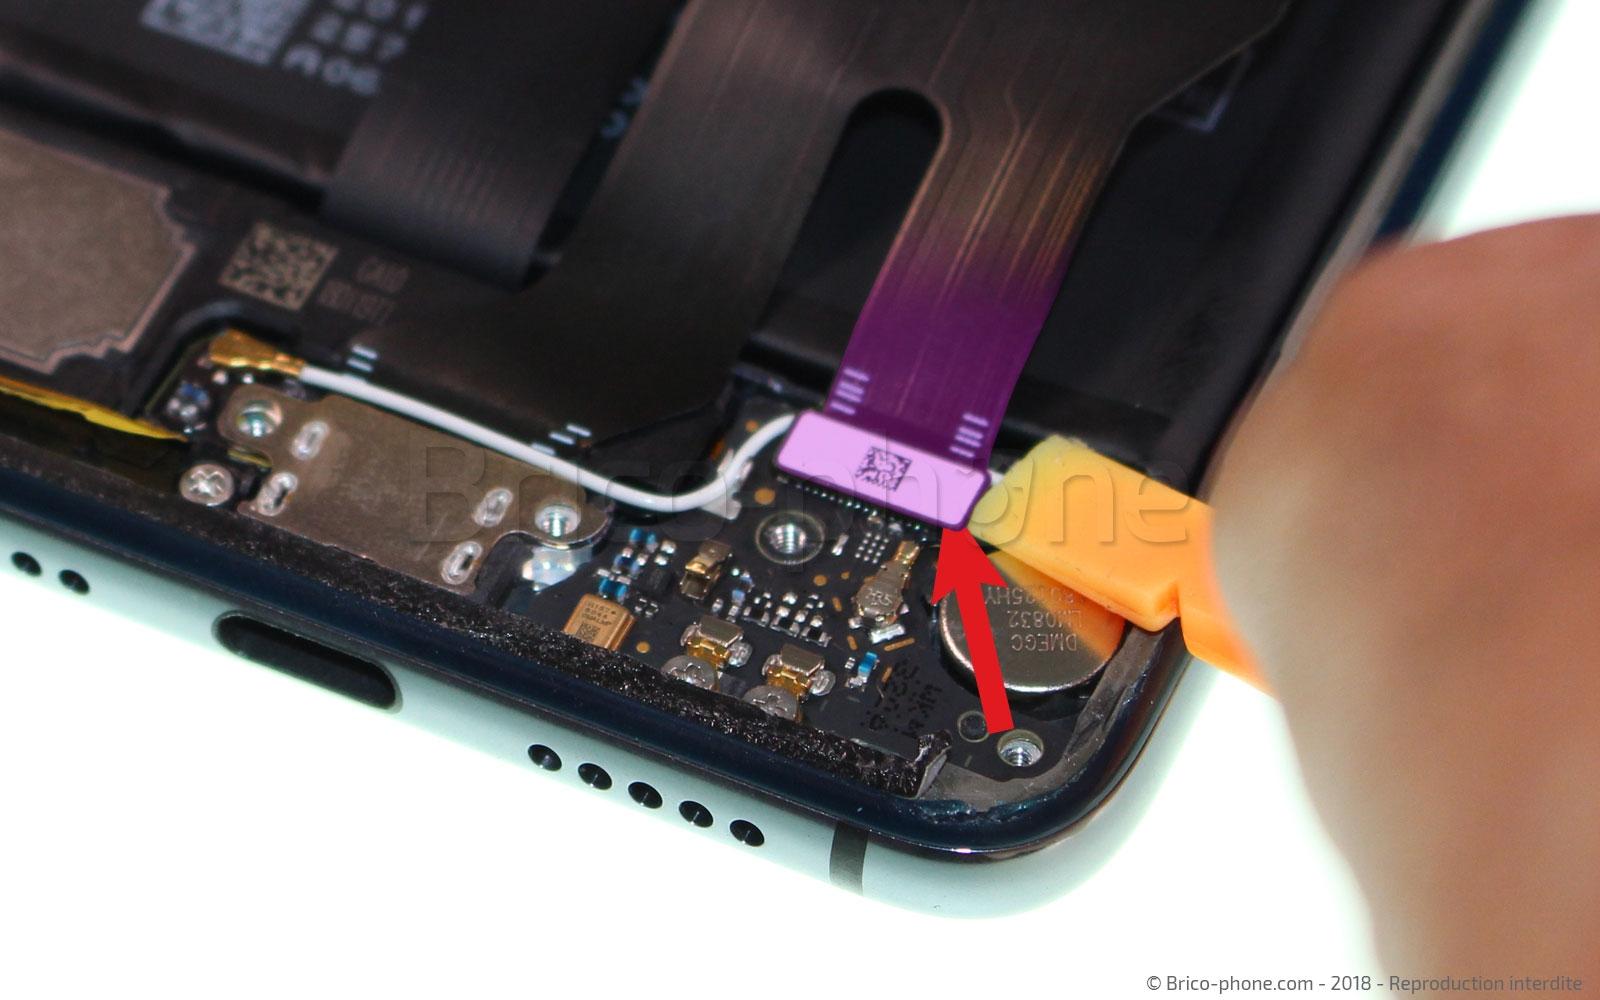 Etape 5 : Retirer la nappe USB / interconnexion